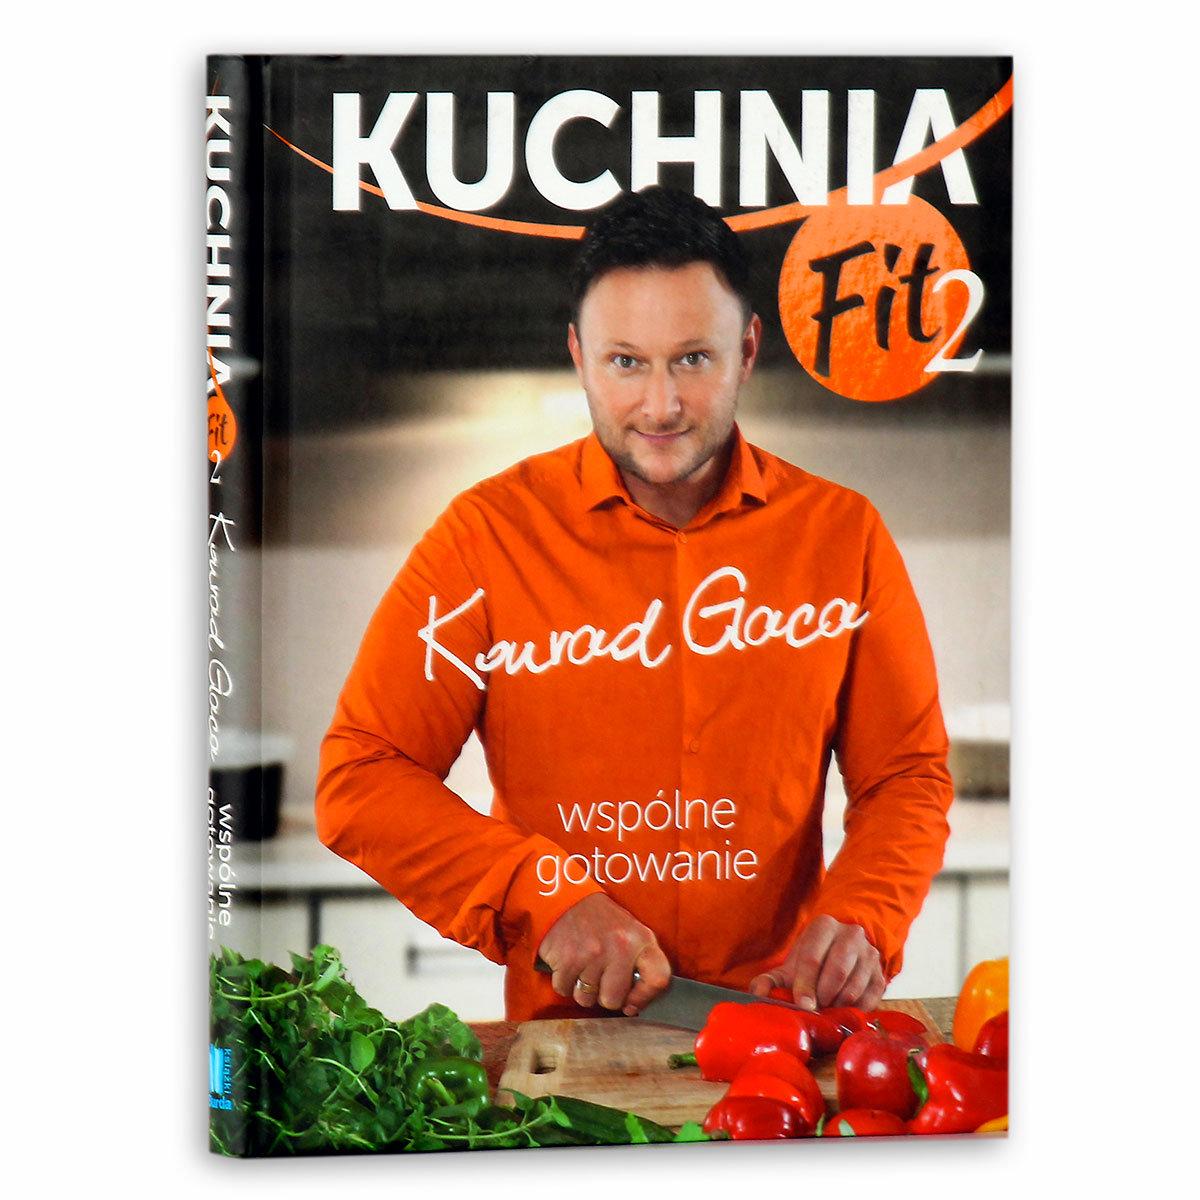 Kuchnia Fit 2 Wspolne Gotowanie Gaca Konrad Ksiazka W Sklepie Empik Com